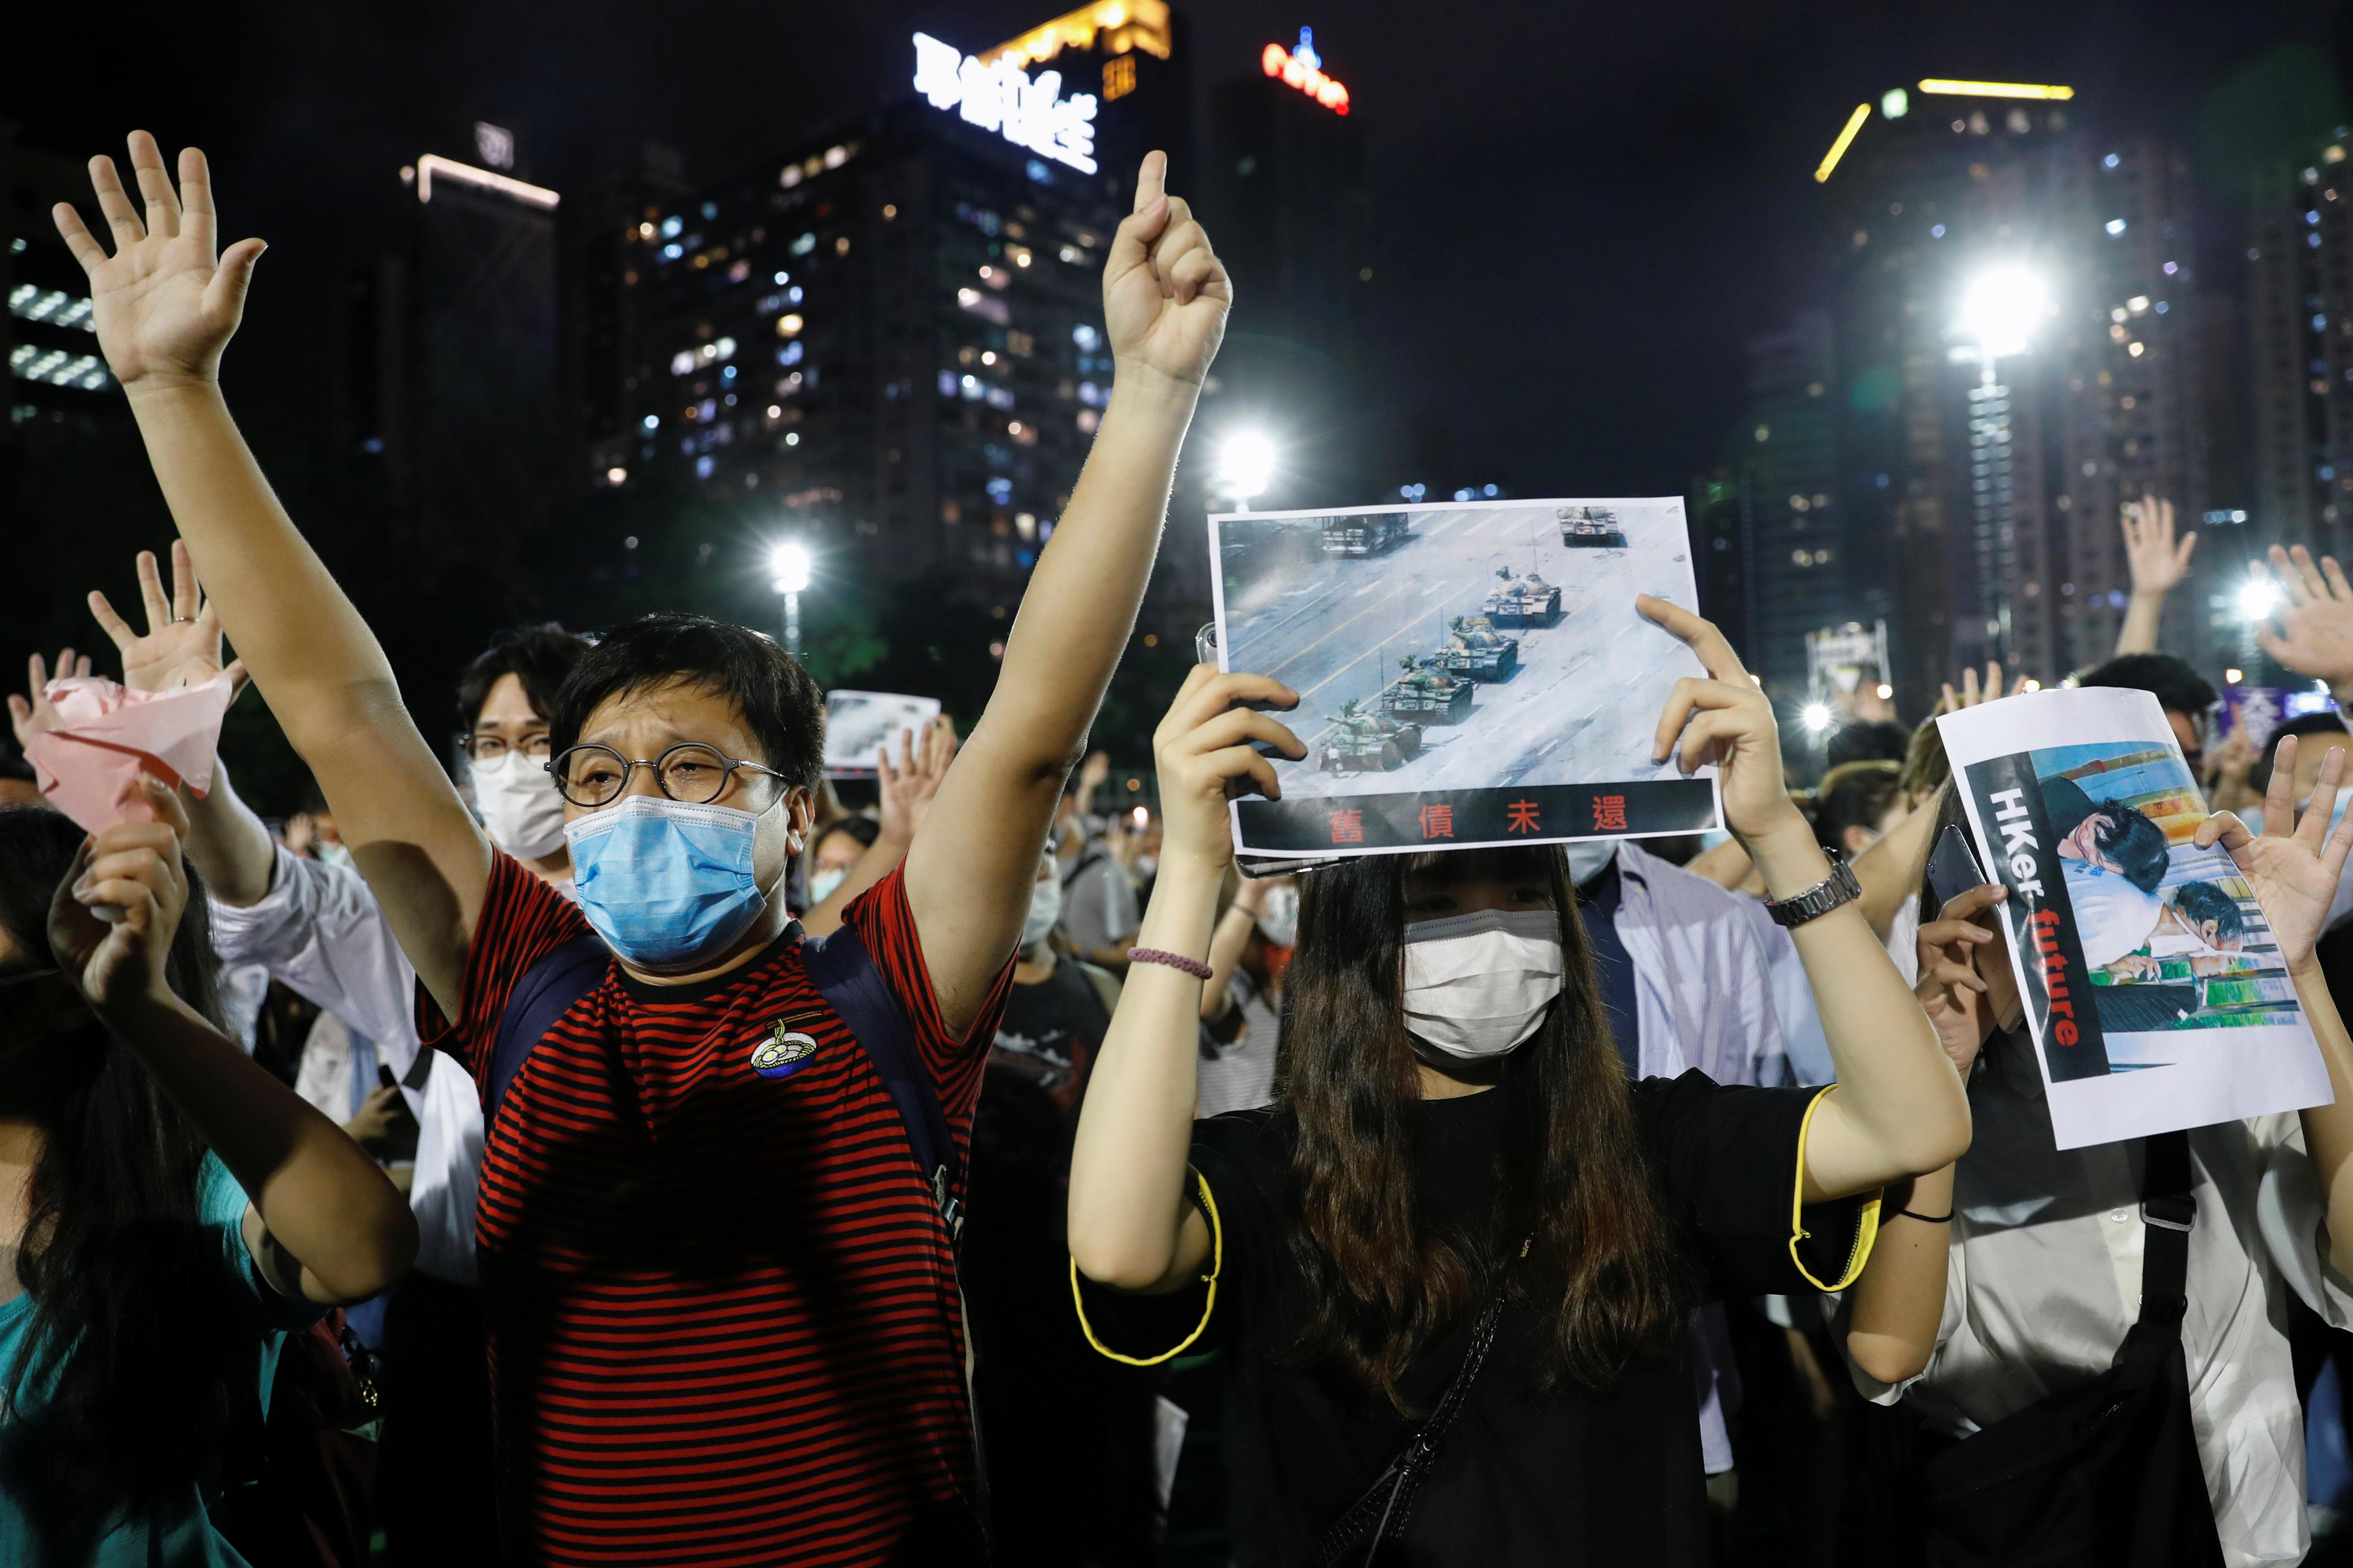 A lo largo del día, las iglesias católicas de la ciudad acogieron a los hongkoneses para que pudieran encender sus velas, y en la Universidad de Hong Kong los estudiantes rindieron tributo a la Columna de la Infamia, una escultura de hormigón que representa a 50 cuerpos retorcidos para recordar a los que murieron en la sangrienta represión militar de Pekín contra el movimiento de protesta (REUTERS/Tyrone Siu)